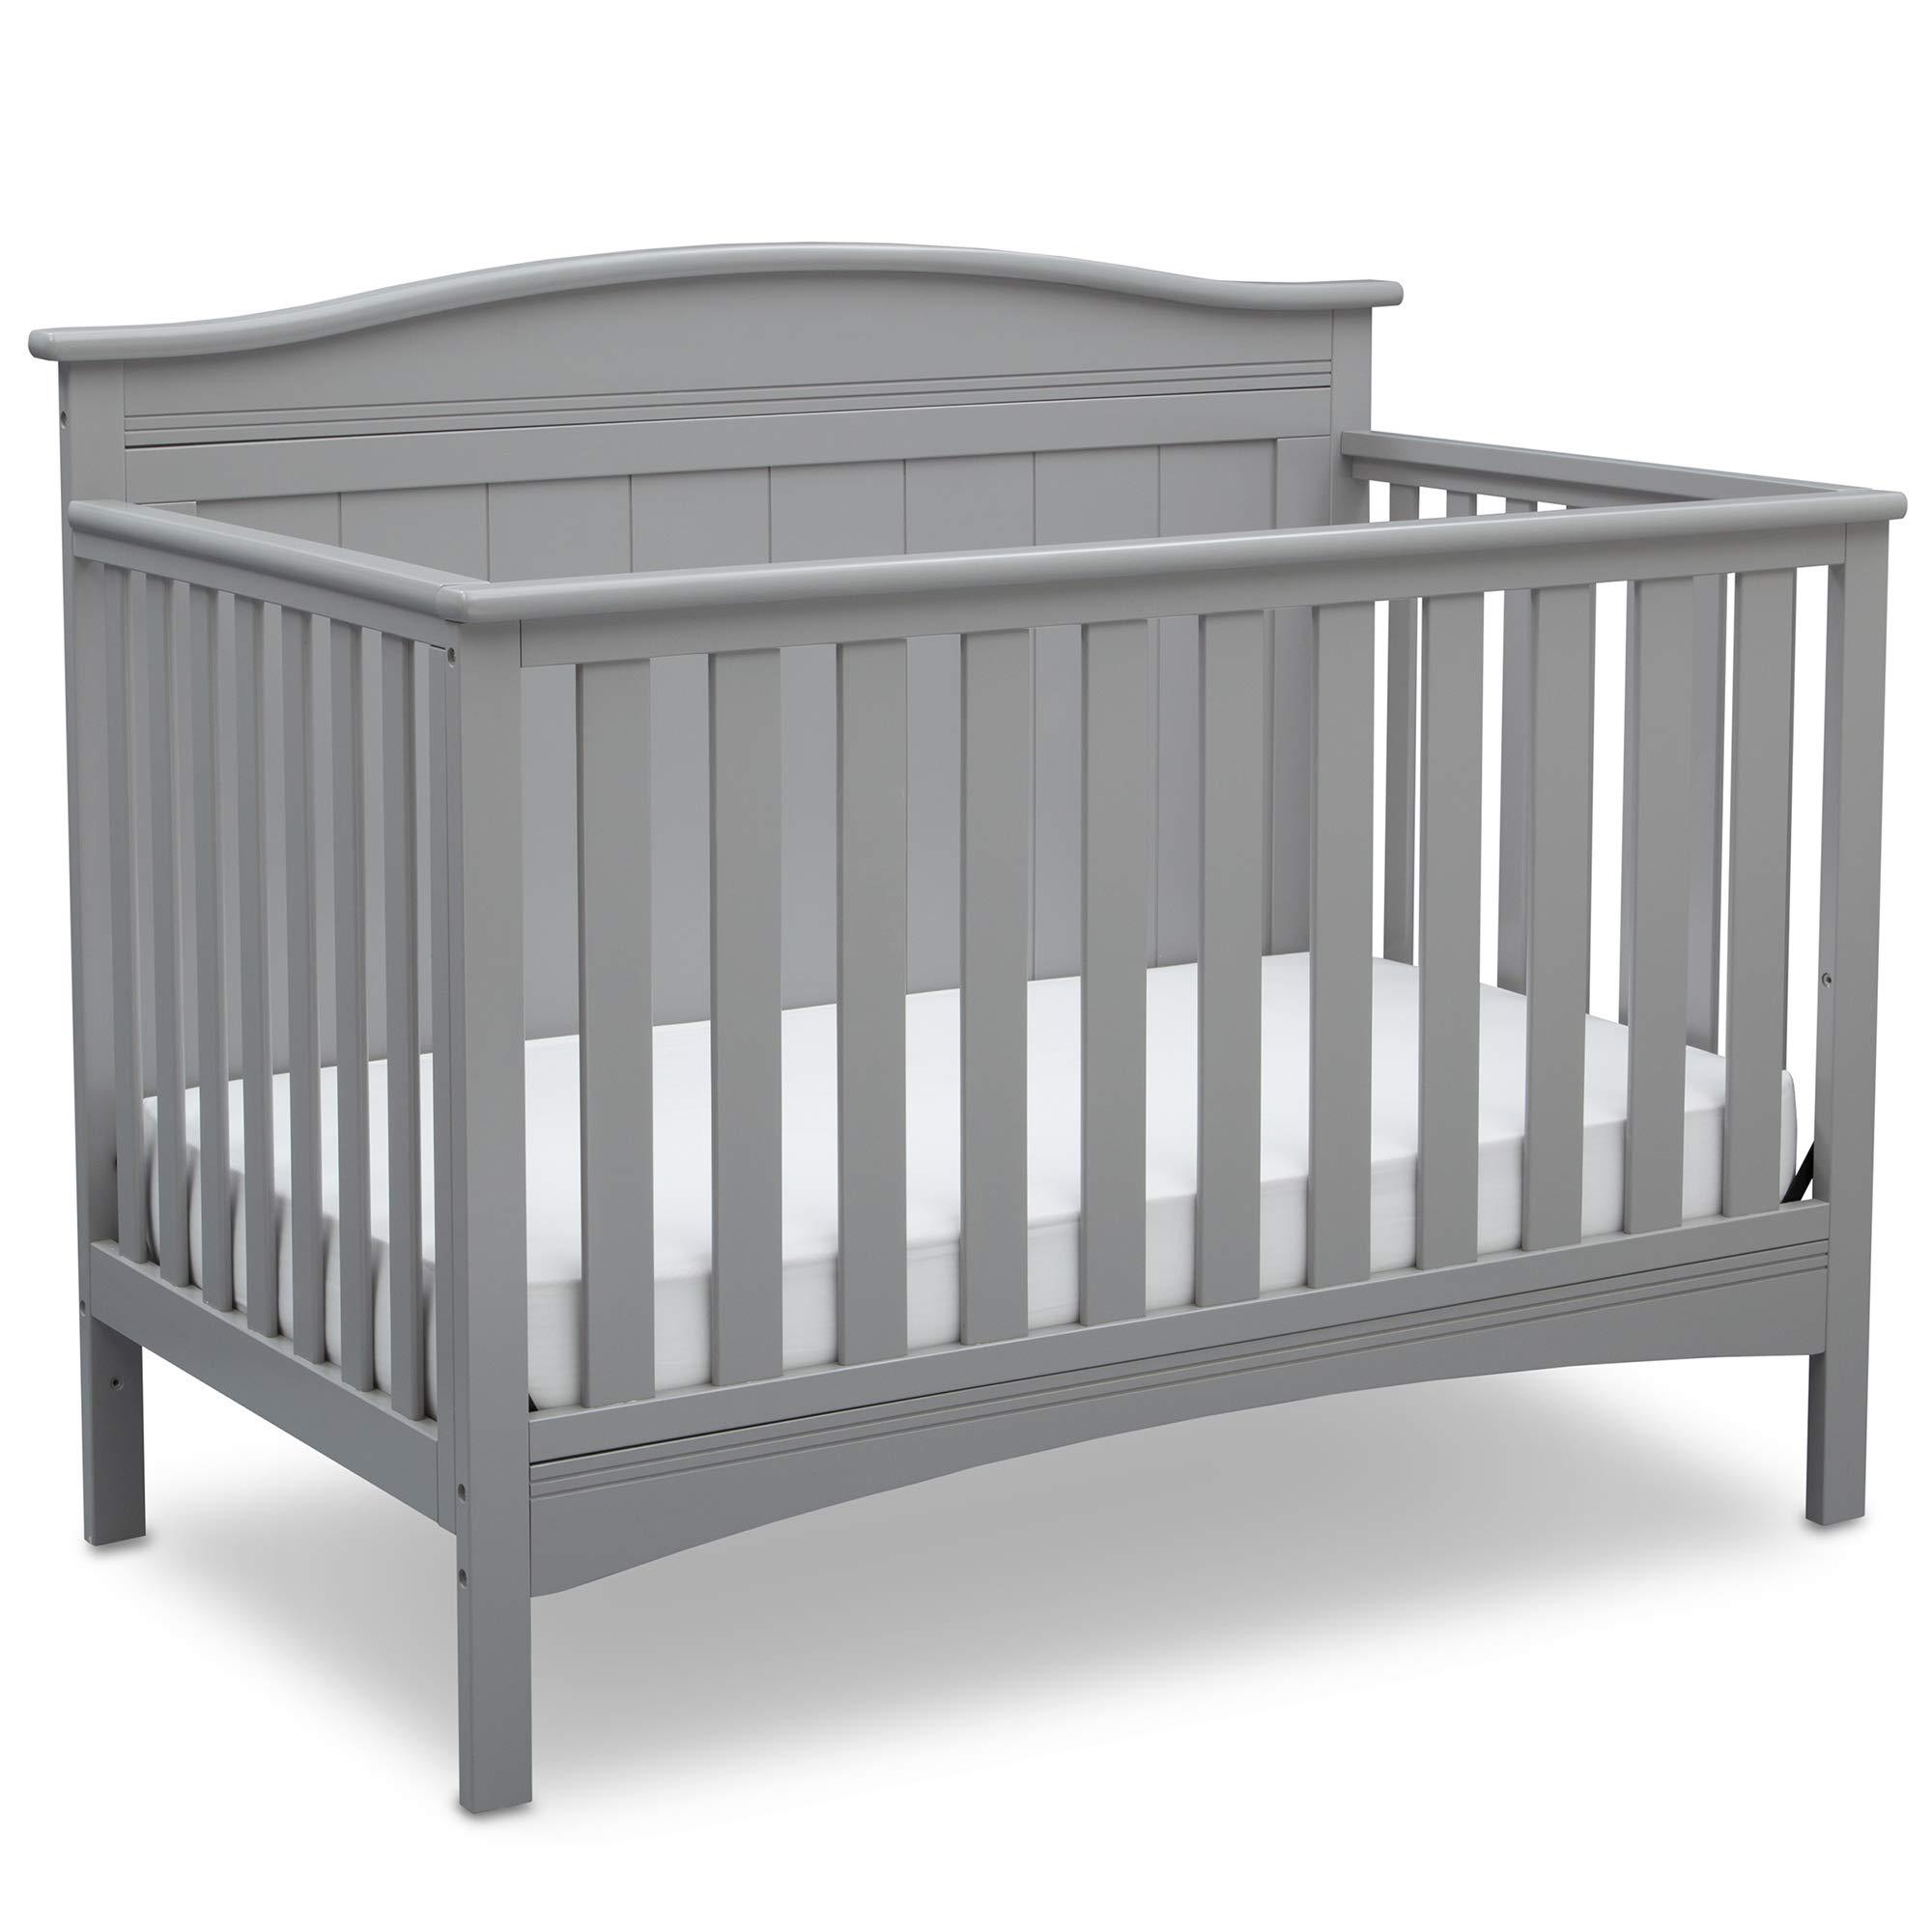 Delta Children Bennett 4-in-1 Convertible Baby Crib, Grey by Delta Children